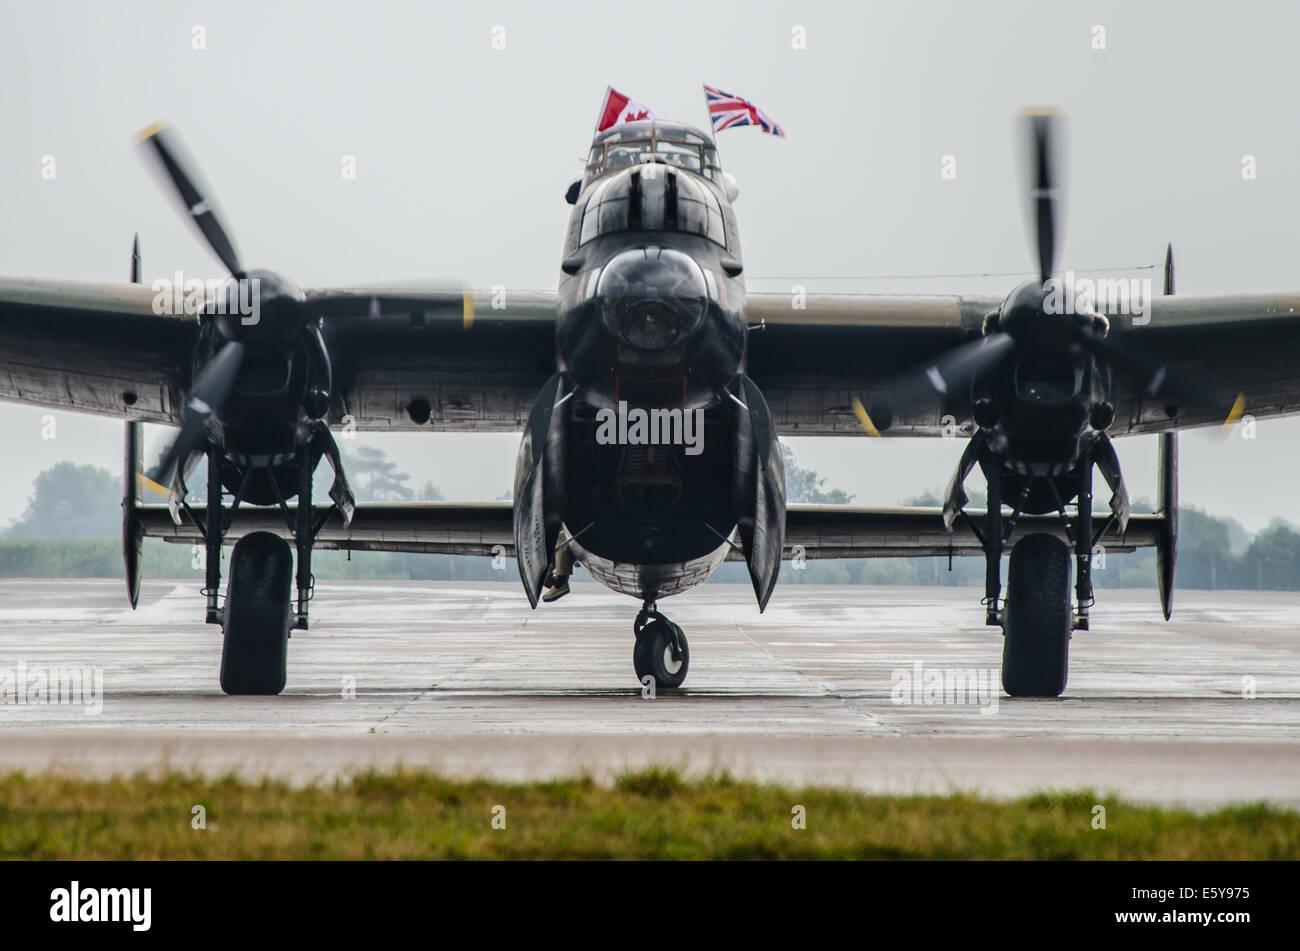 royal air force großbritannien nach kanada